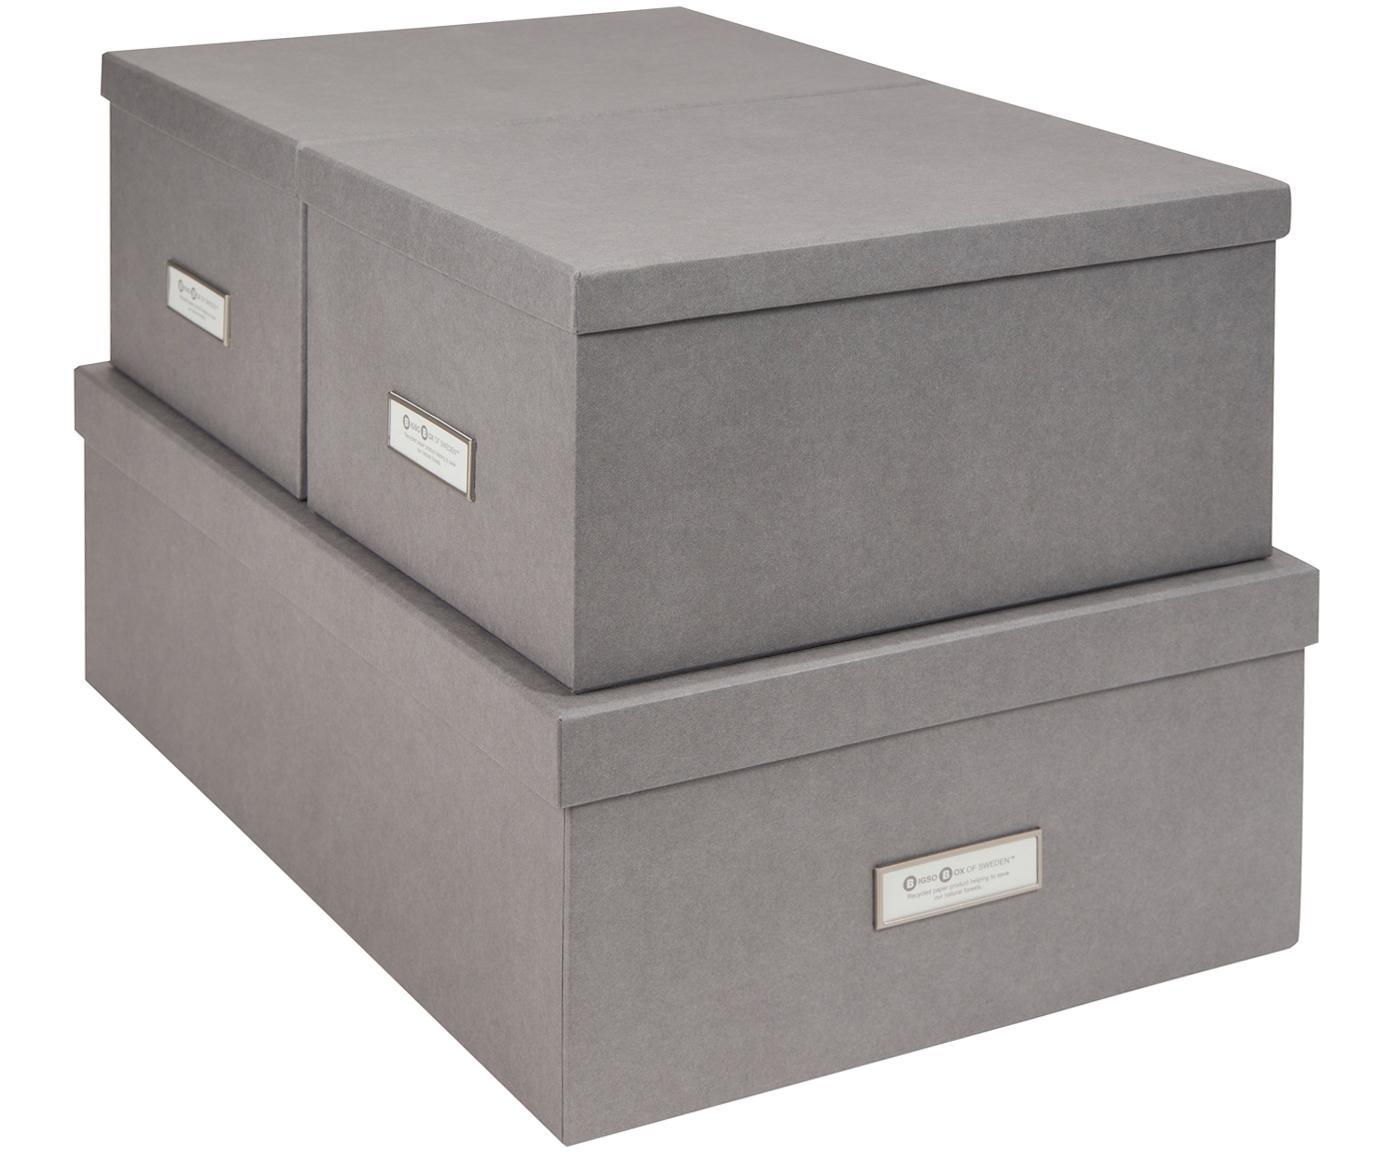 Set de cajas Inge, 3pzas., Caja: cartón laminado, Gris claro, Tamaños diferentes